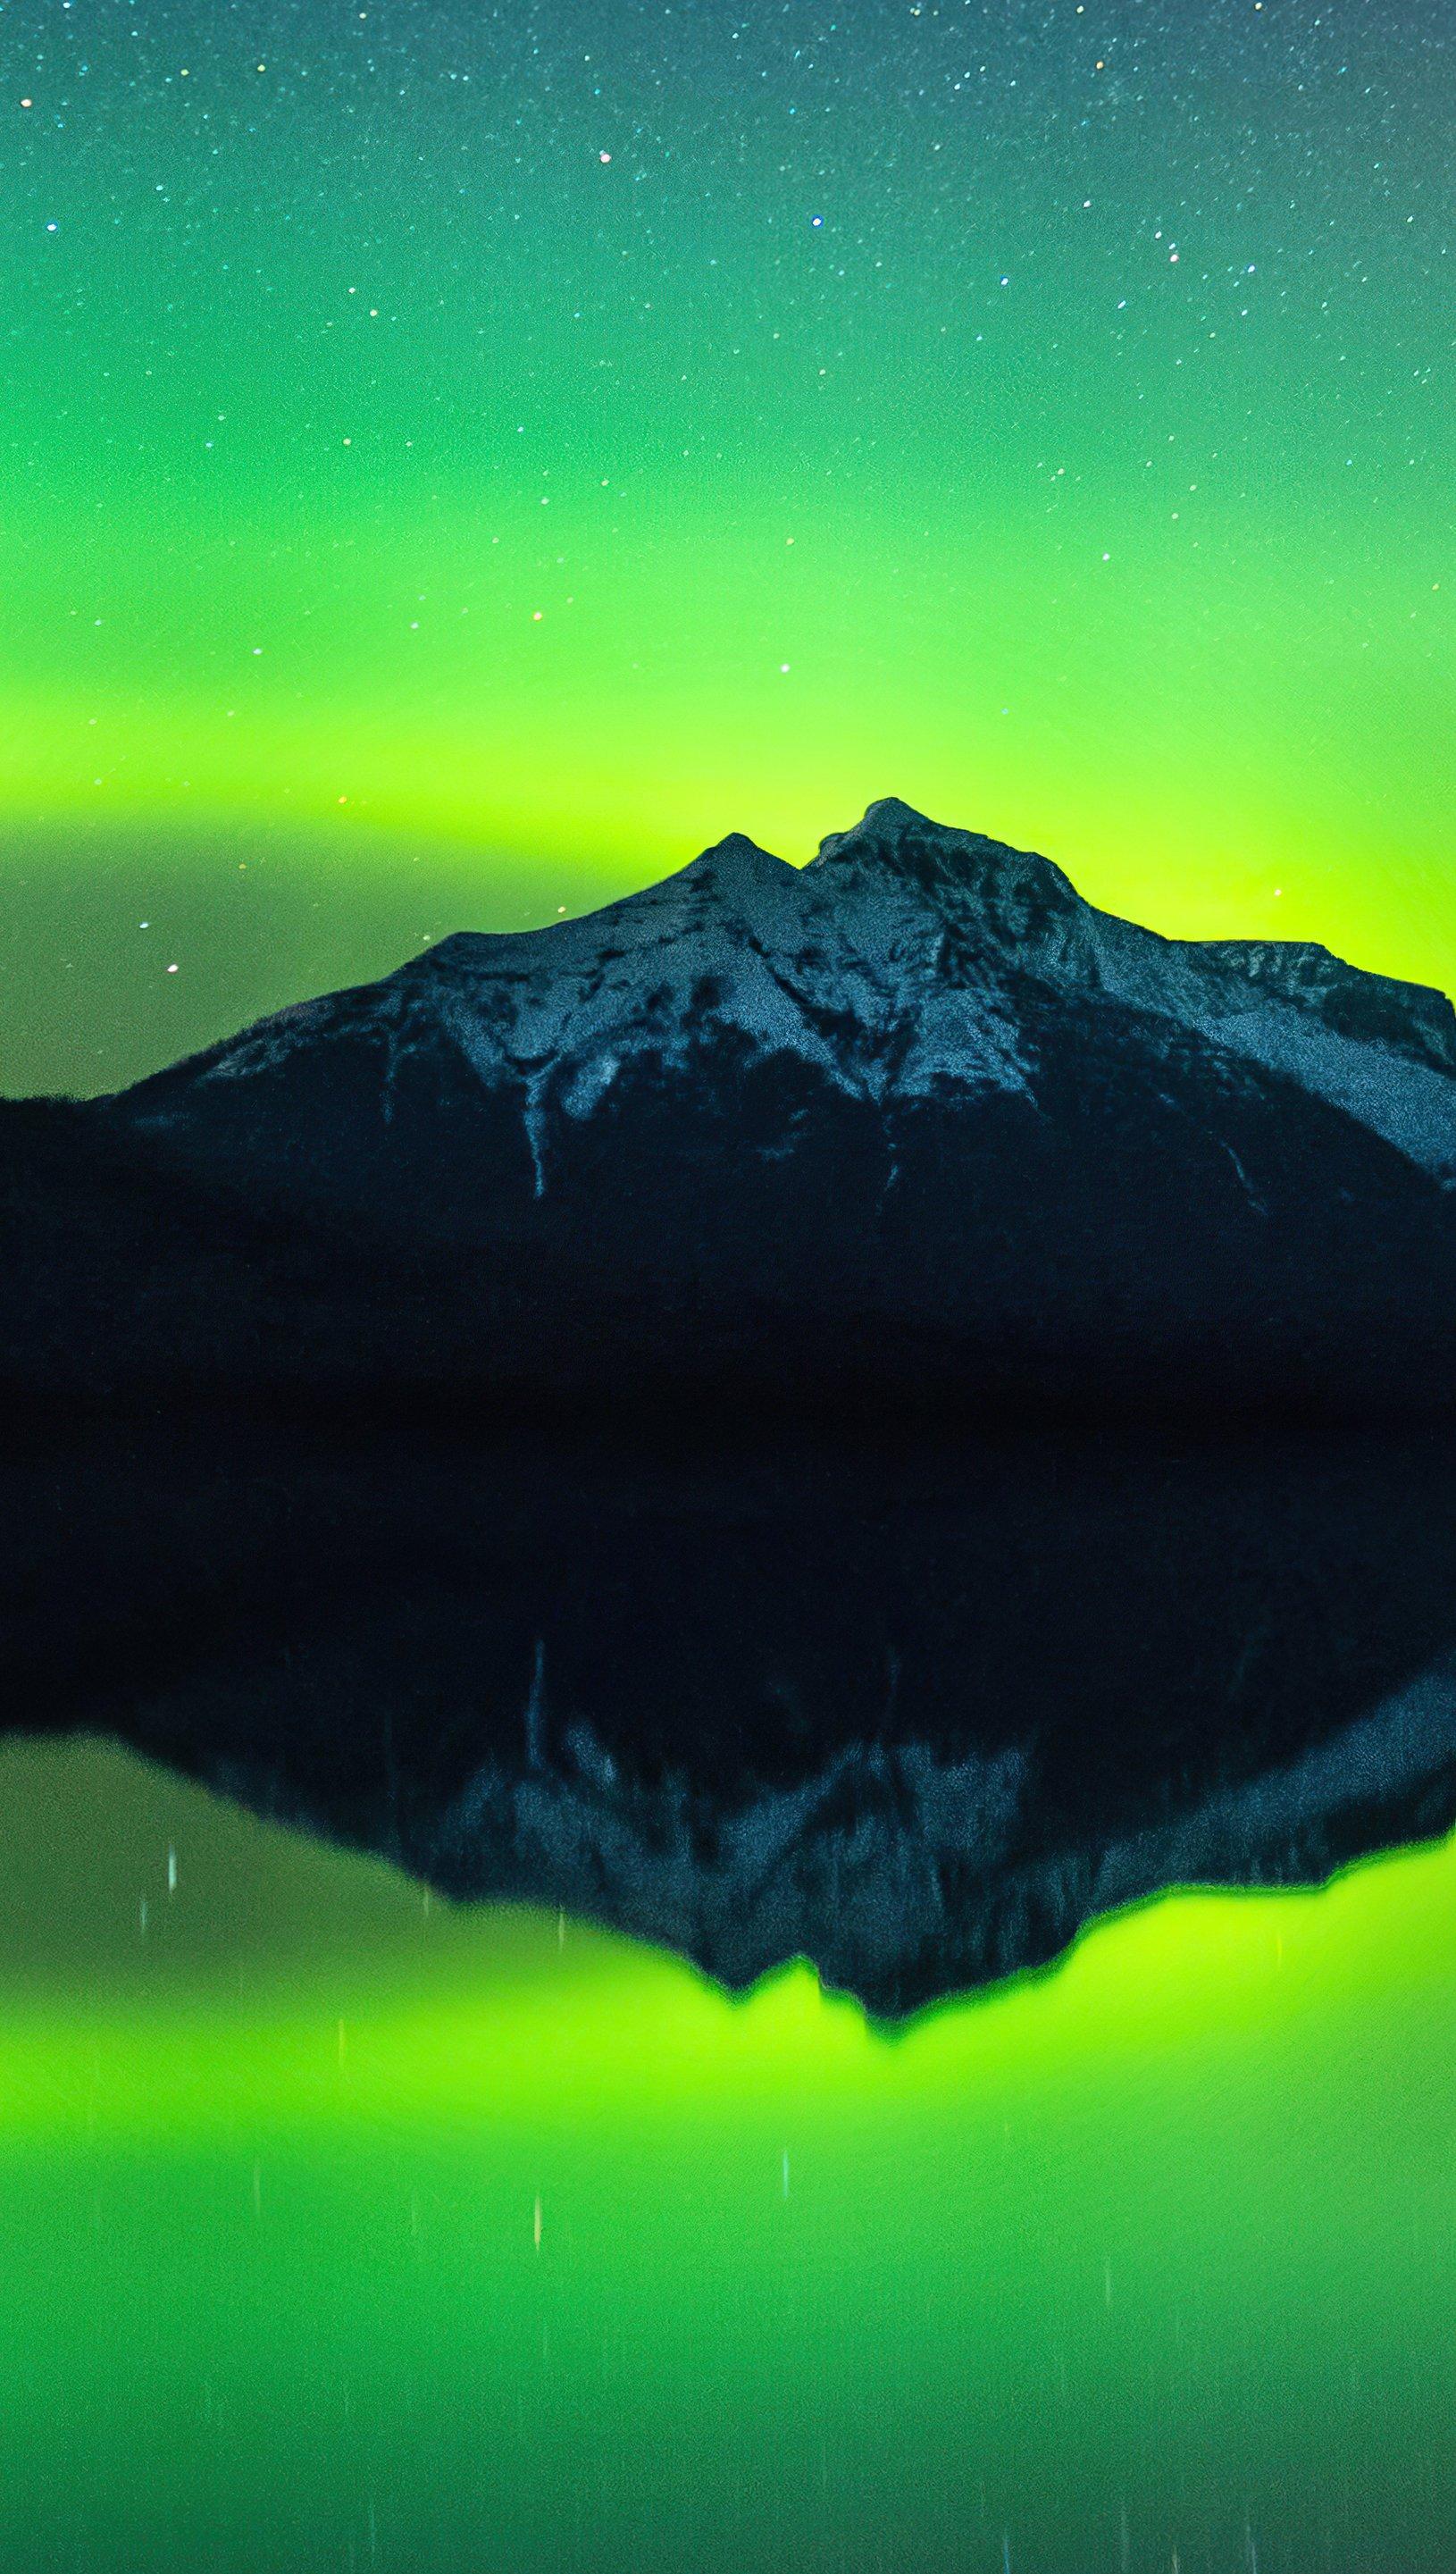 Wallpaper Mountains under green sky Vertical